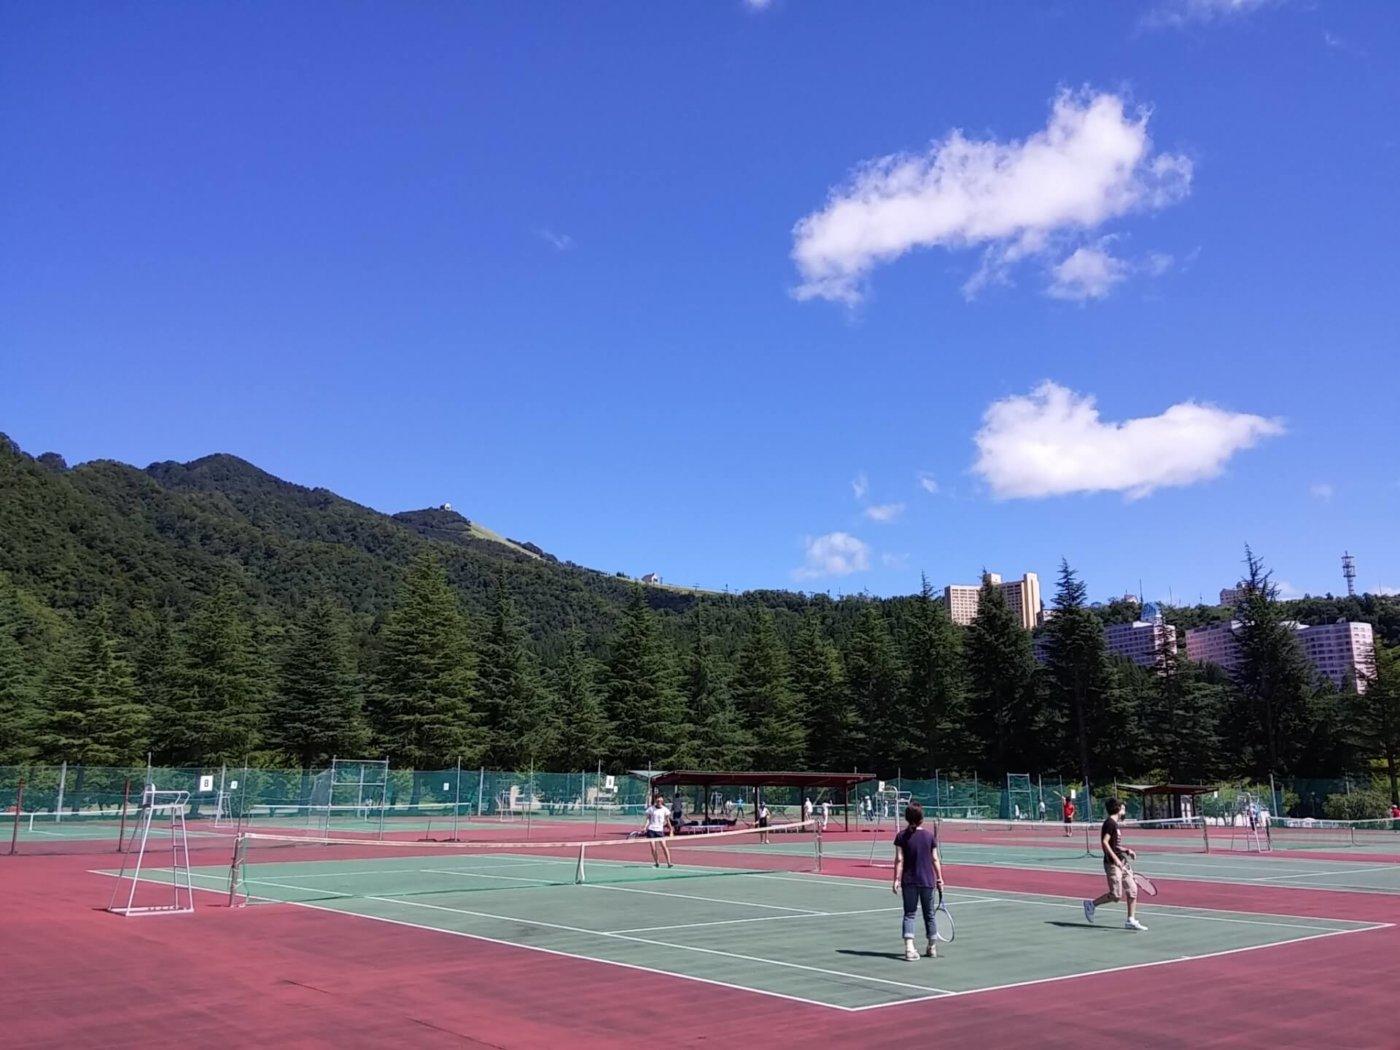 気軽にテニスをプレイしたい!都内の格安で借りられるコート5選